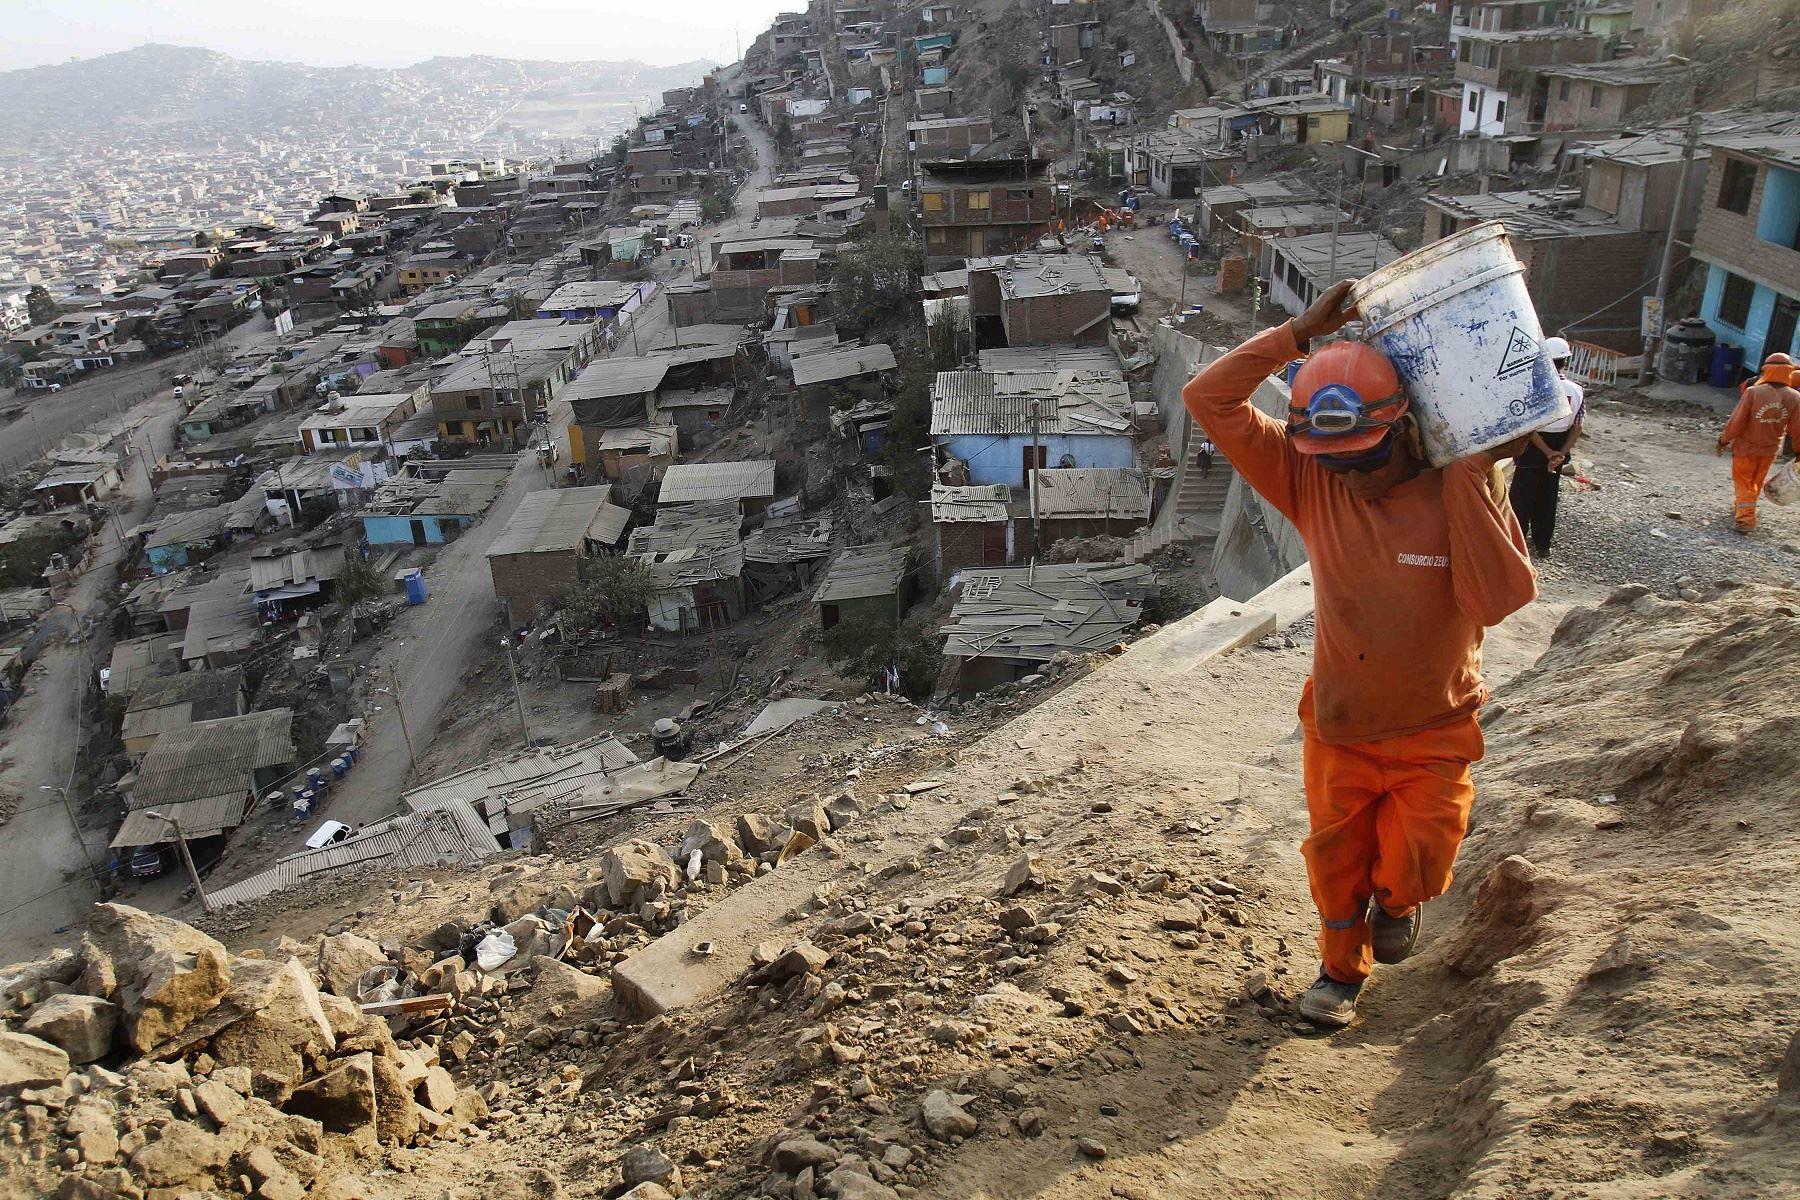 inei-pobreza-monetaria-subio-en-99-puntos-y-afecto-301-de-la-poblacion-en-2020